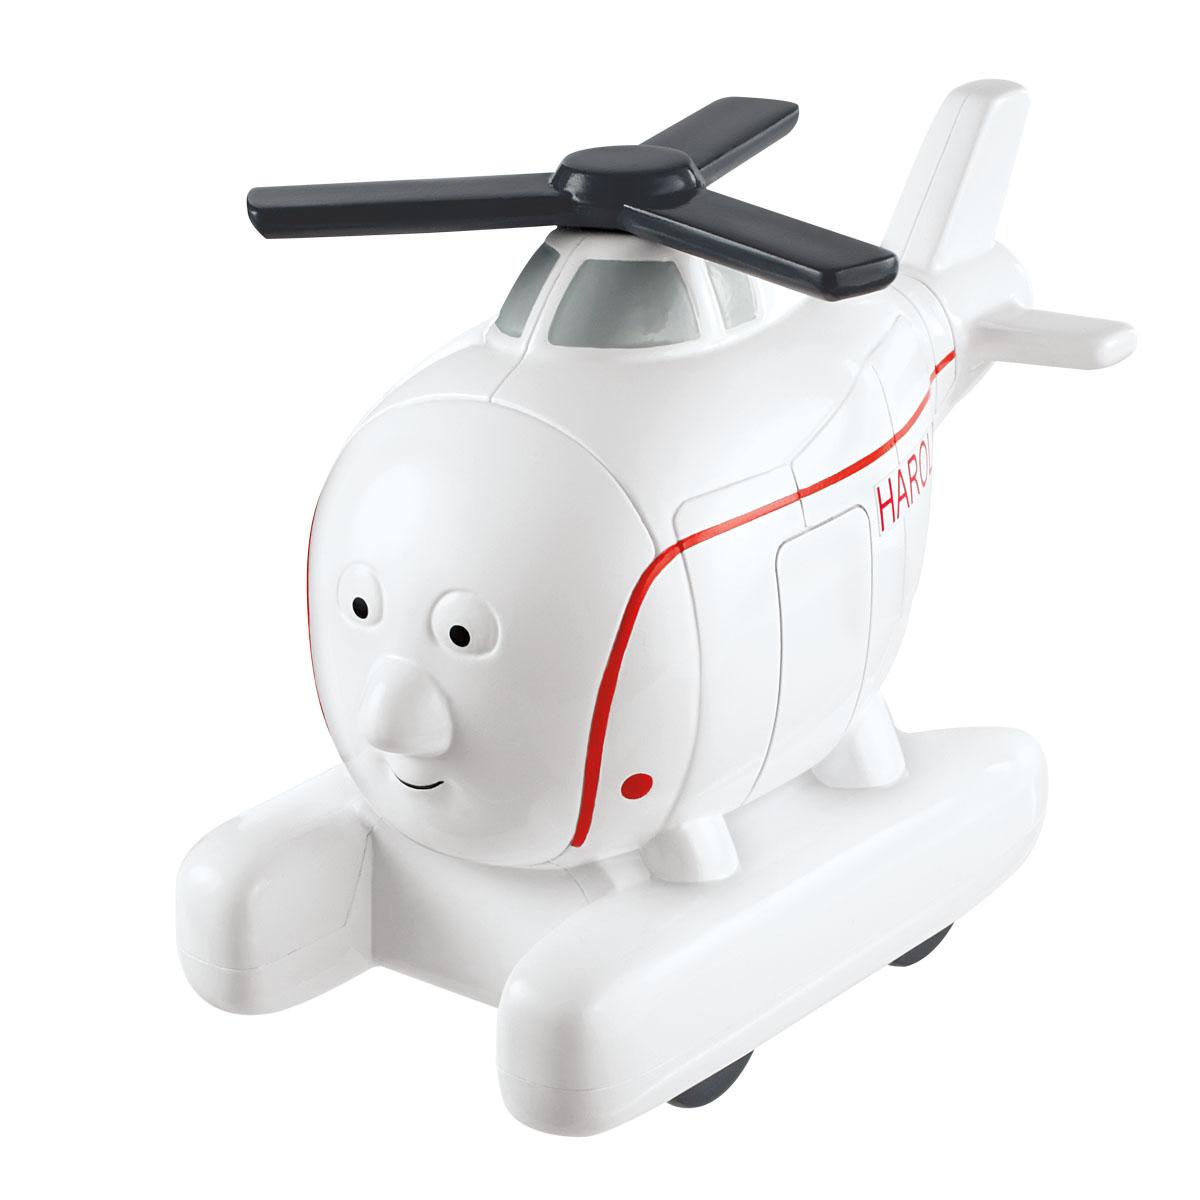 Thomas&Friends PreSchool Веселый друг паровозик: Вертолет Гарольд. W2193